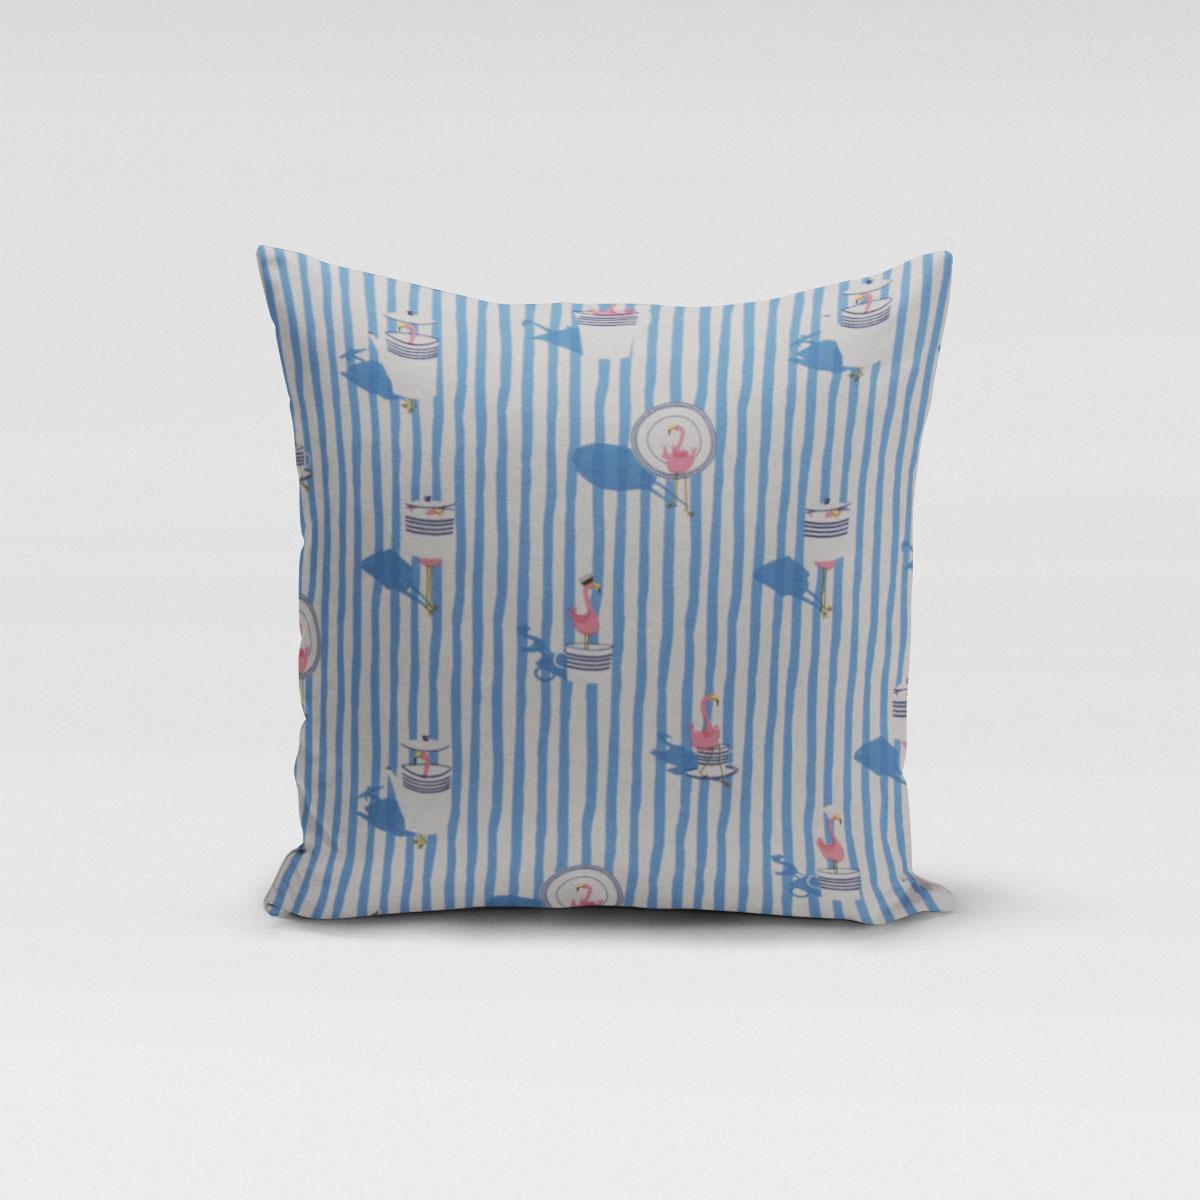 SCHÖNER LEBEN. Kissenhülle Flamingo Streifen maritim hellblau ecru verschiedene Größen